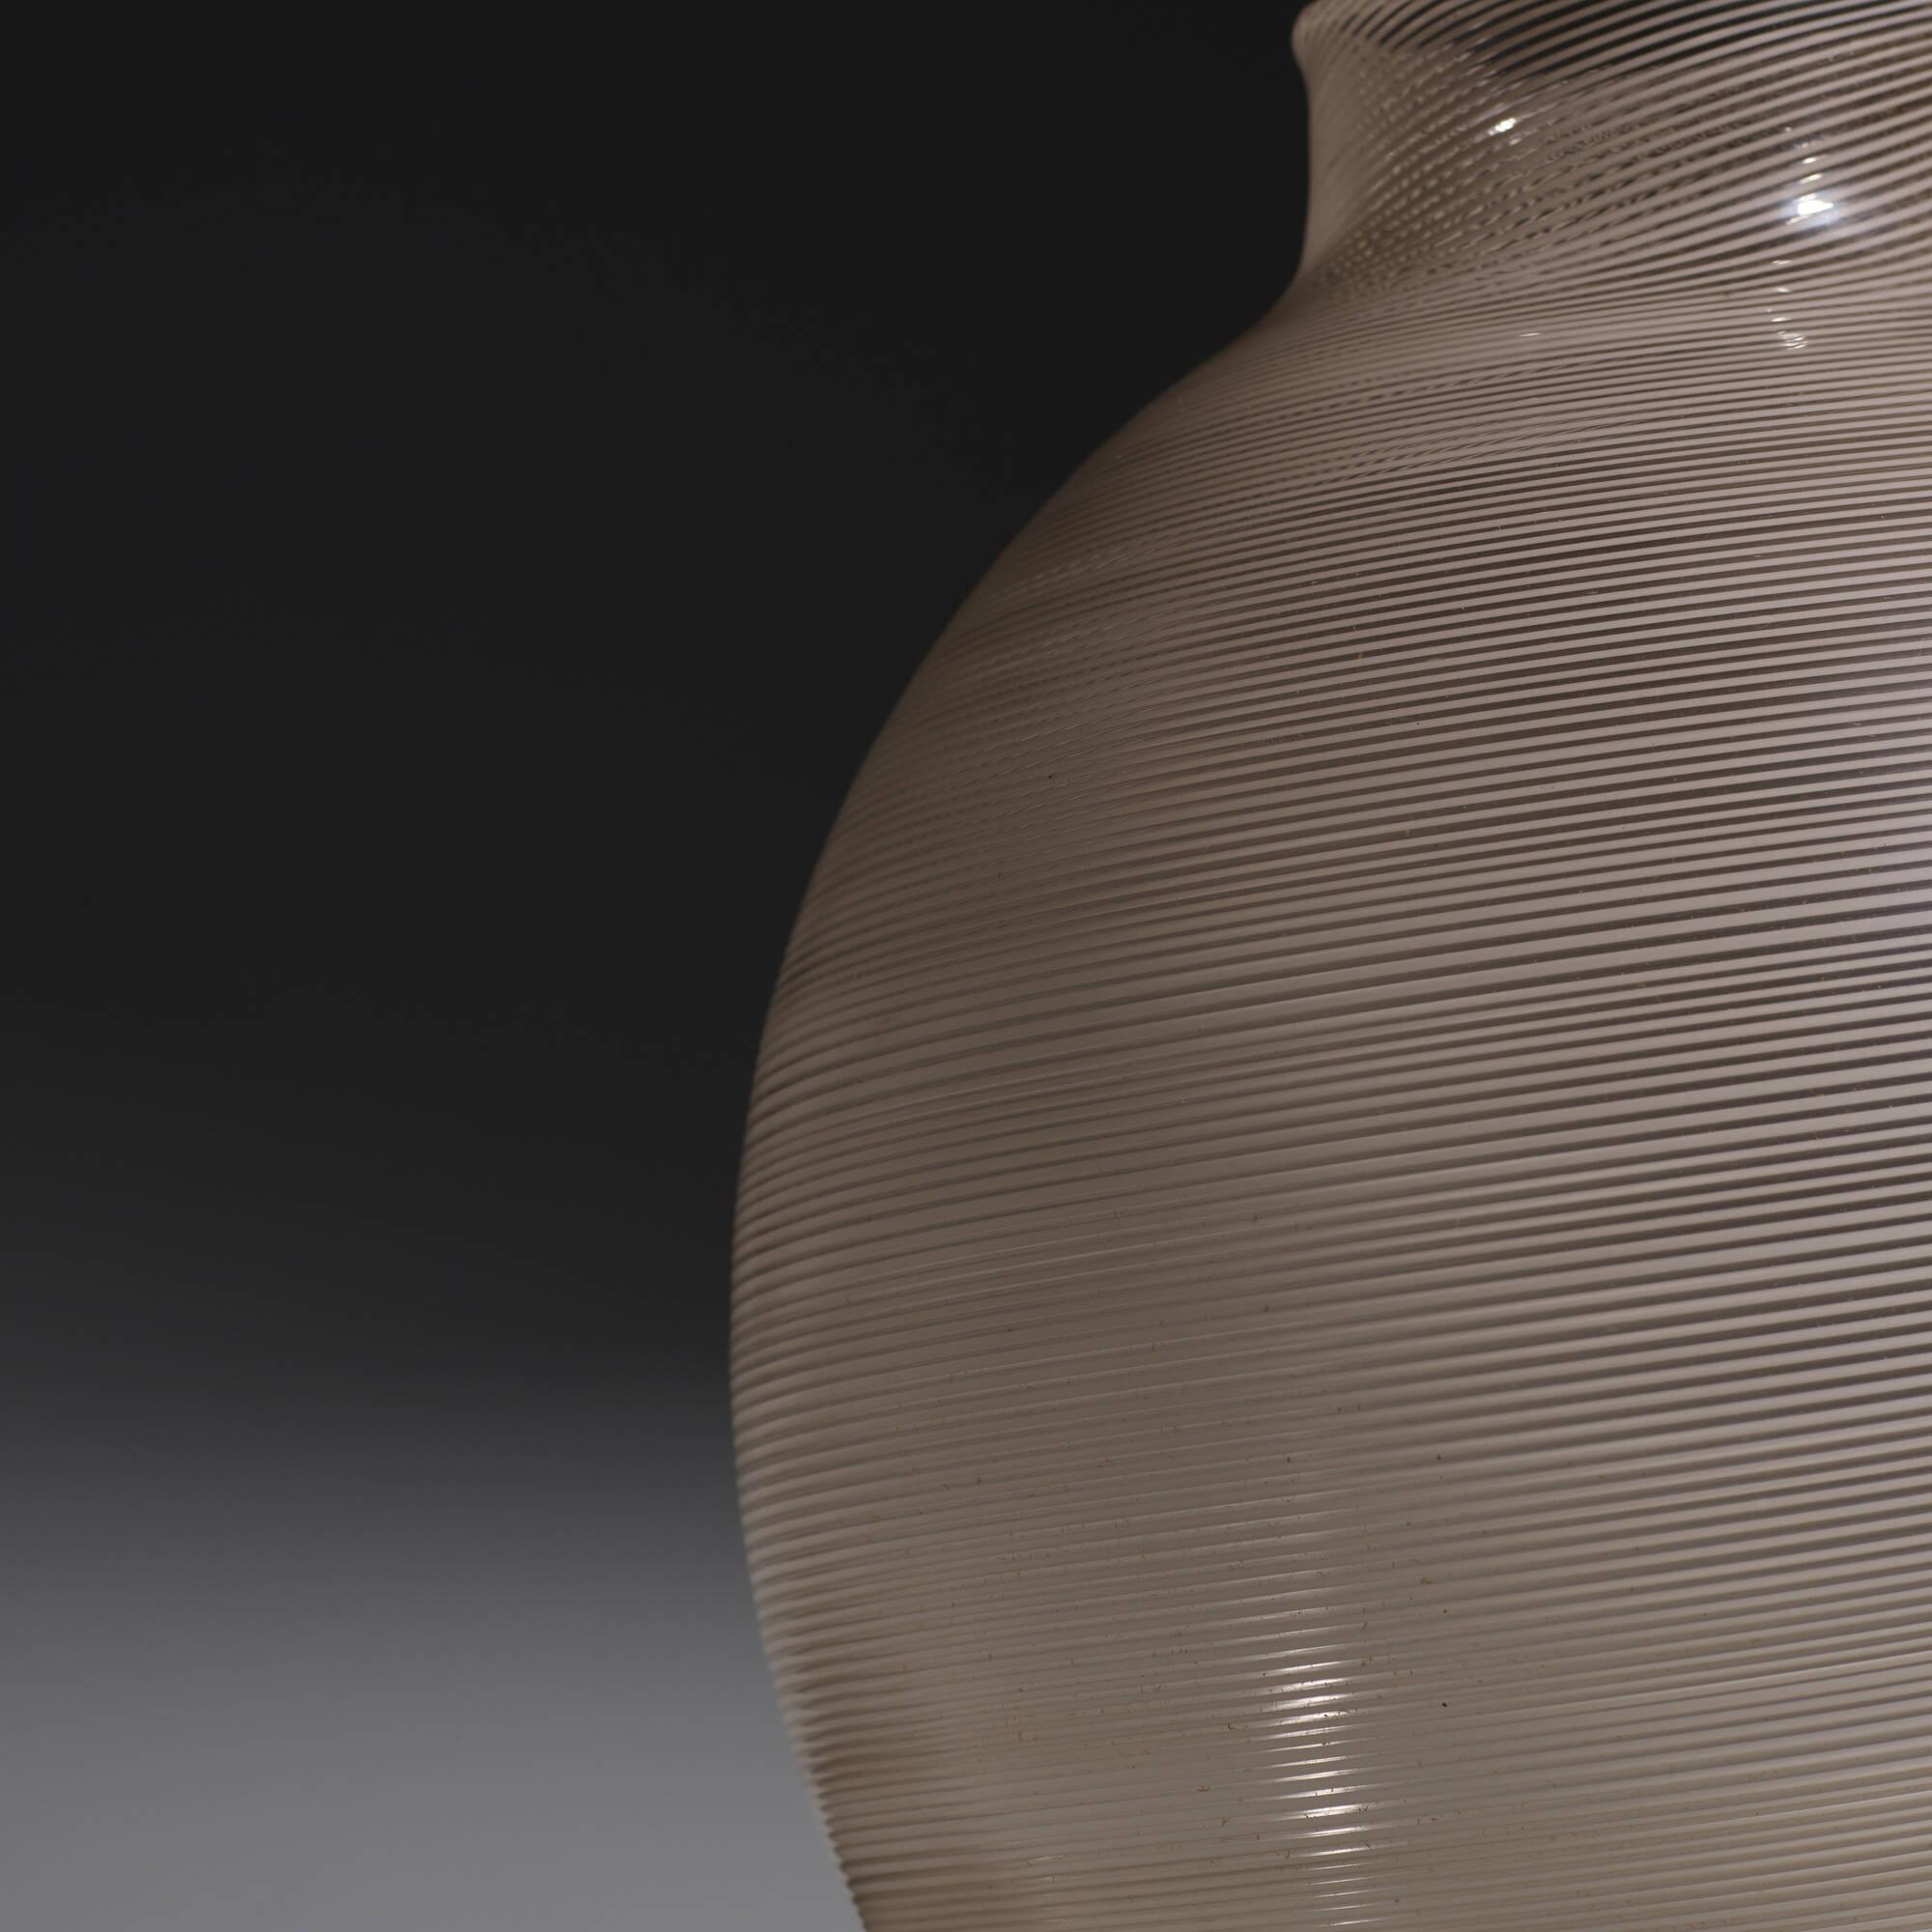 127: Carlo Scarpa / Mezza Filigrana vase, model 1886 (2 of 3)